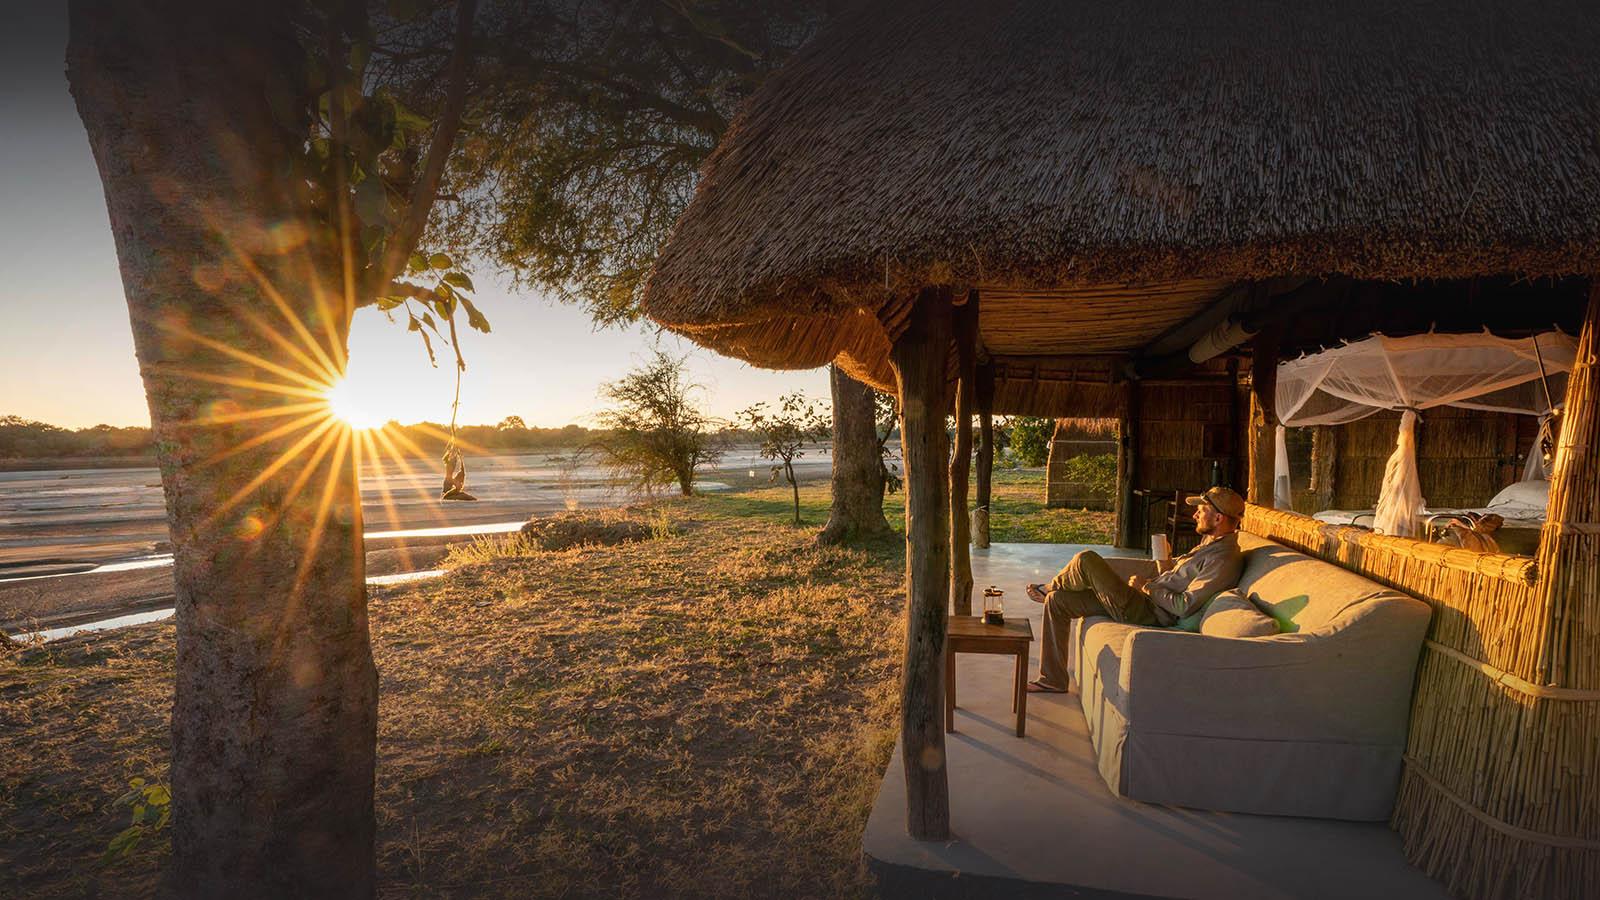 classic-zambia-short-zambia-in-style-safari-packages-tours-kakuli